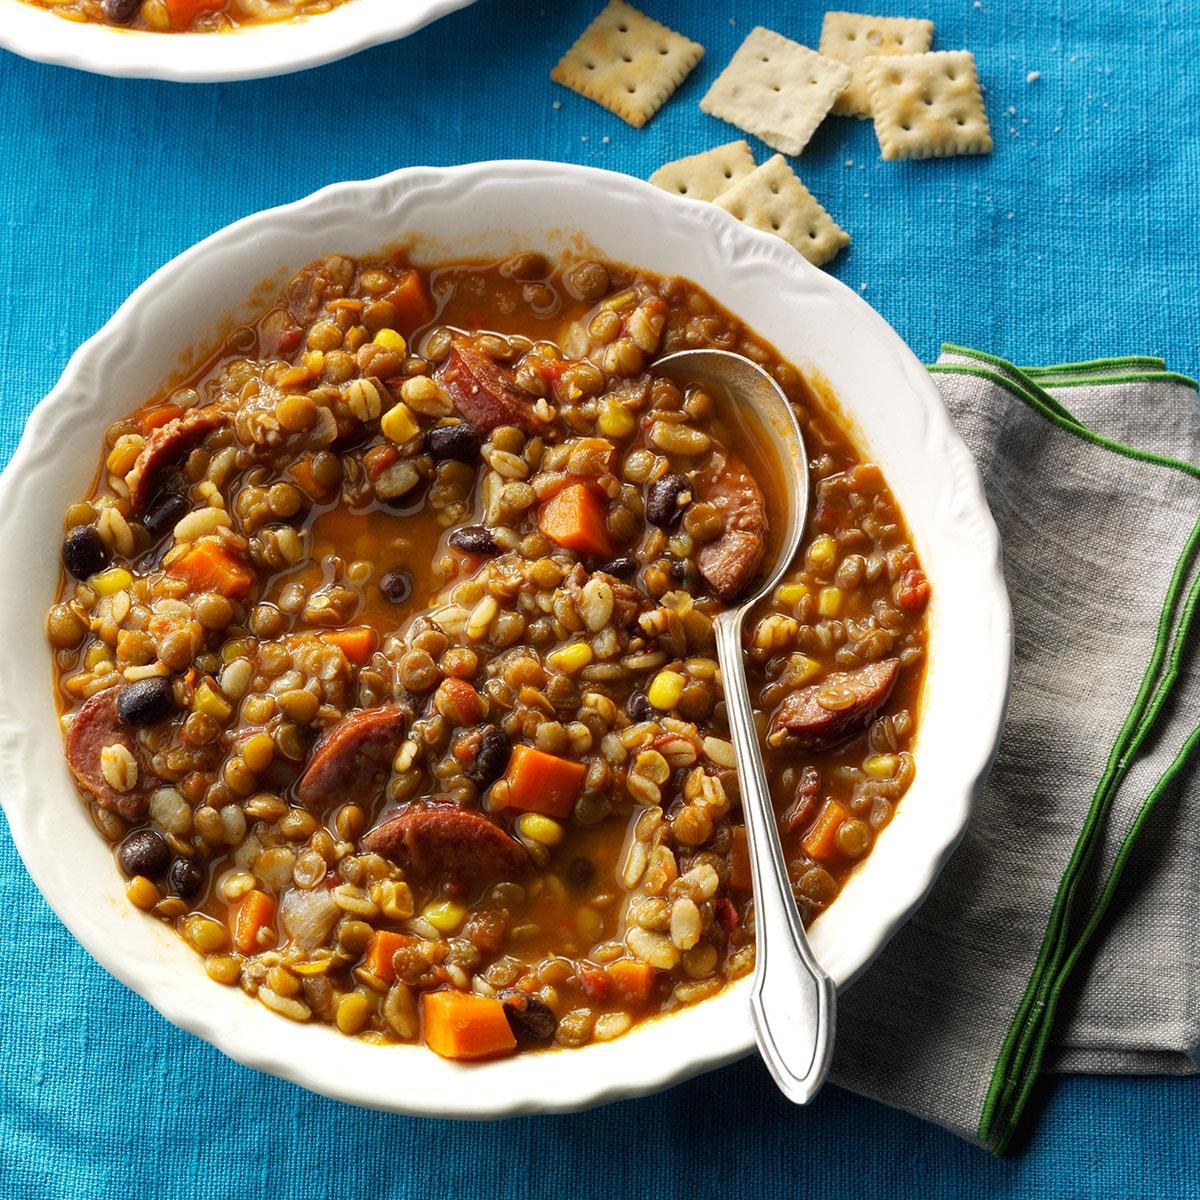 Southwest Barley & Lentil Soup image